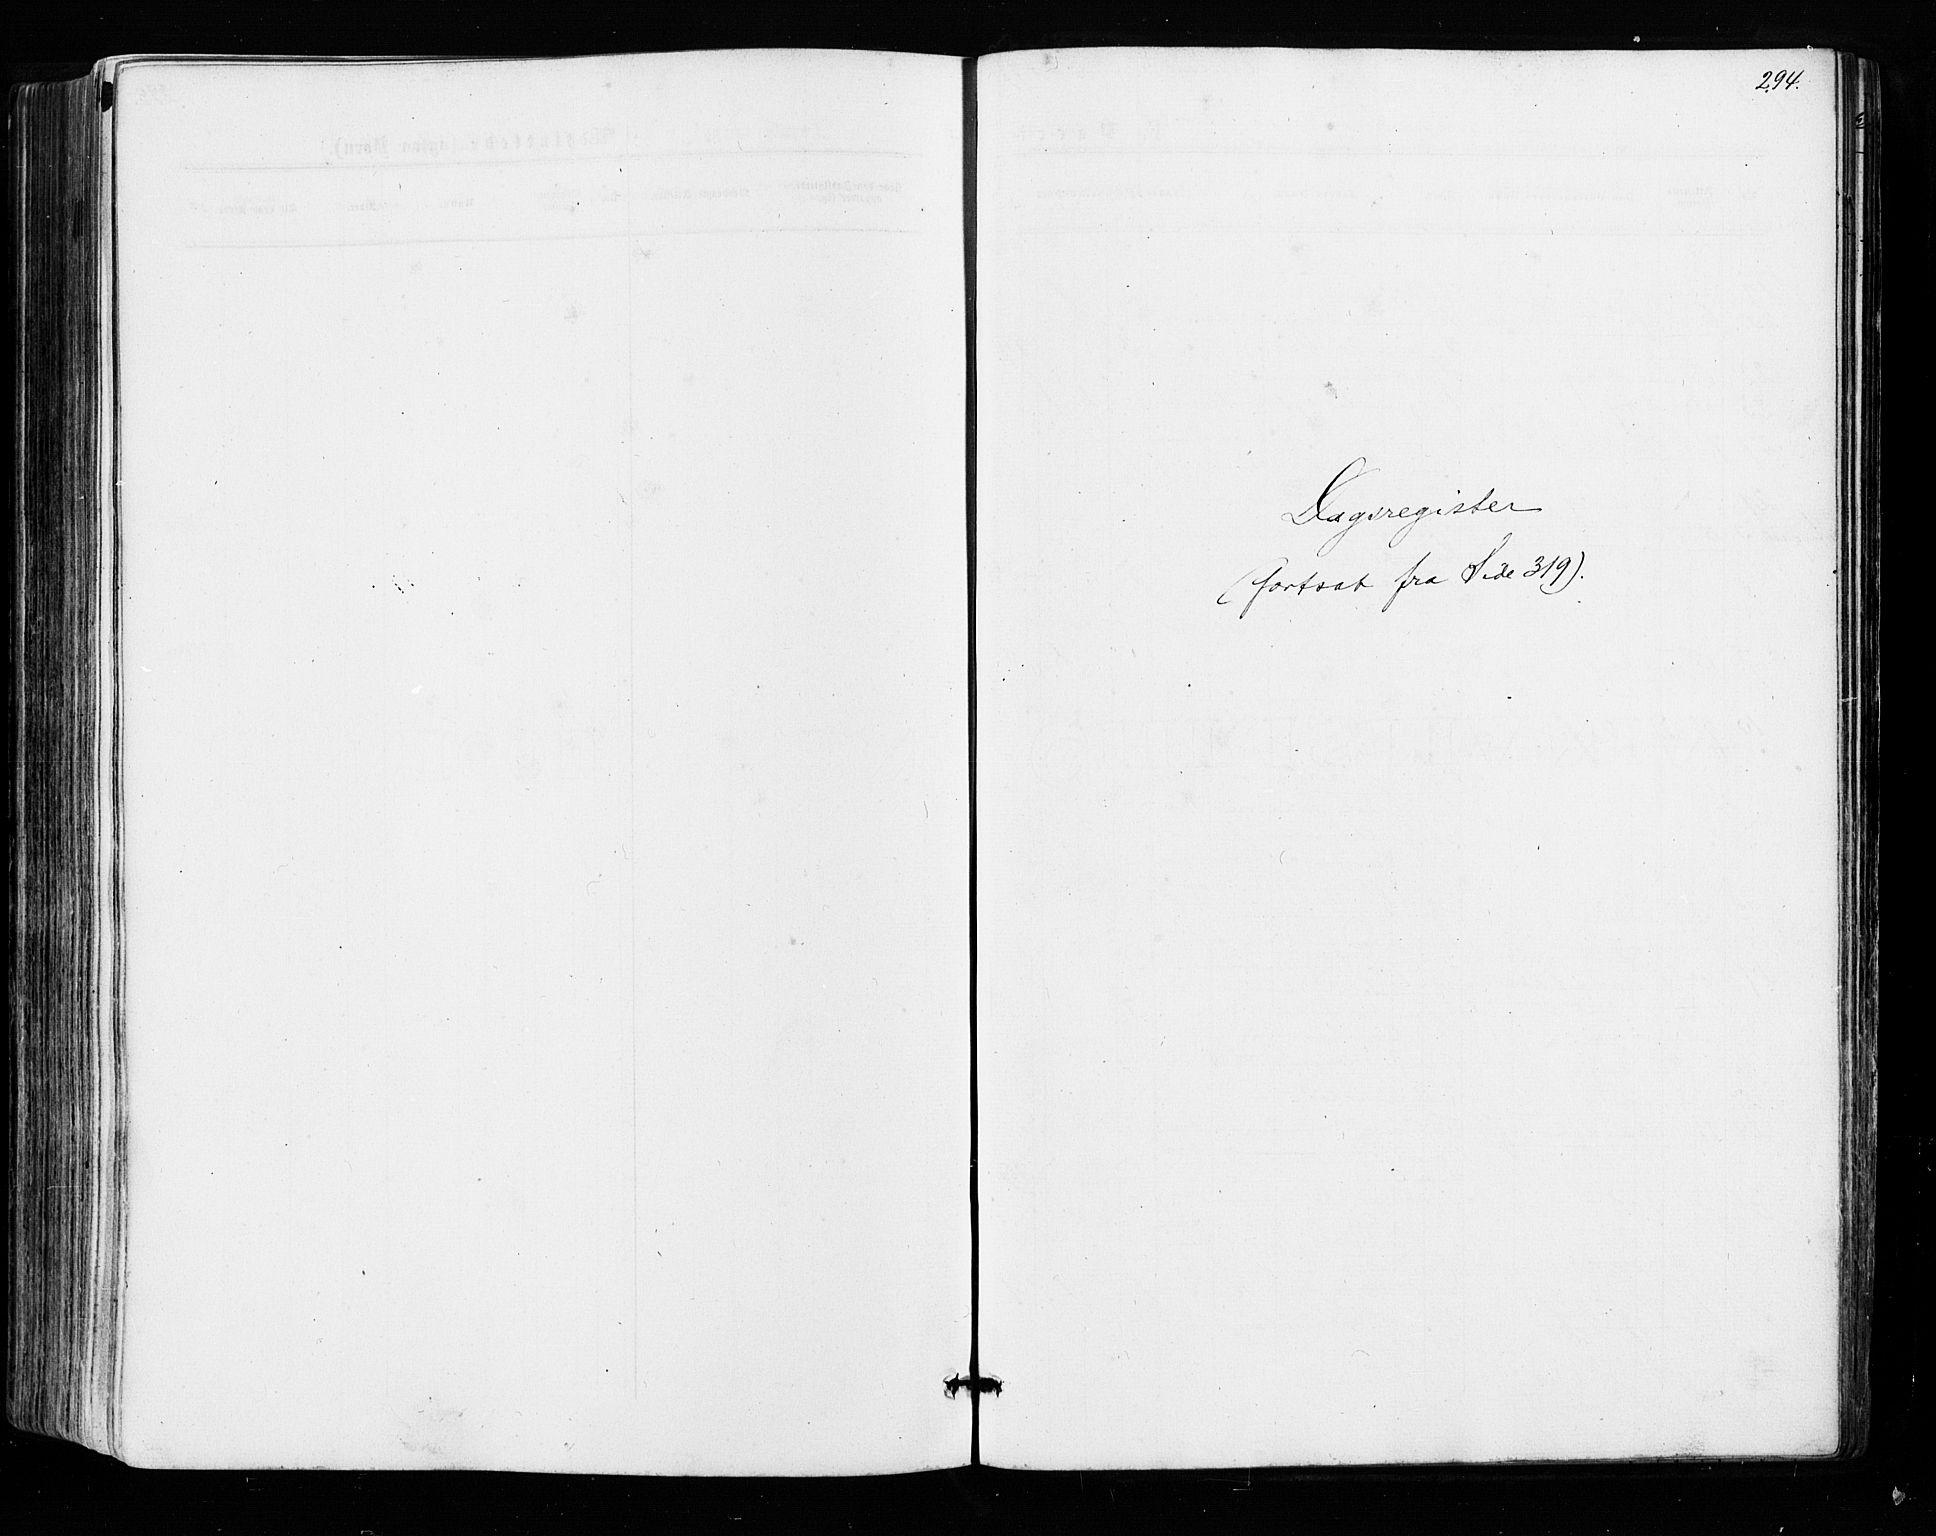 SAO, Sarpsborg prestekontor Kirkebøker, F/Fa/L0002: Ministerialbok nr. 2, 1869-1877, s. 294